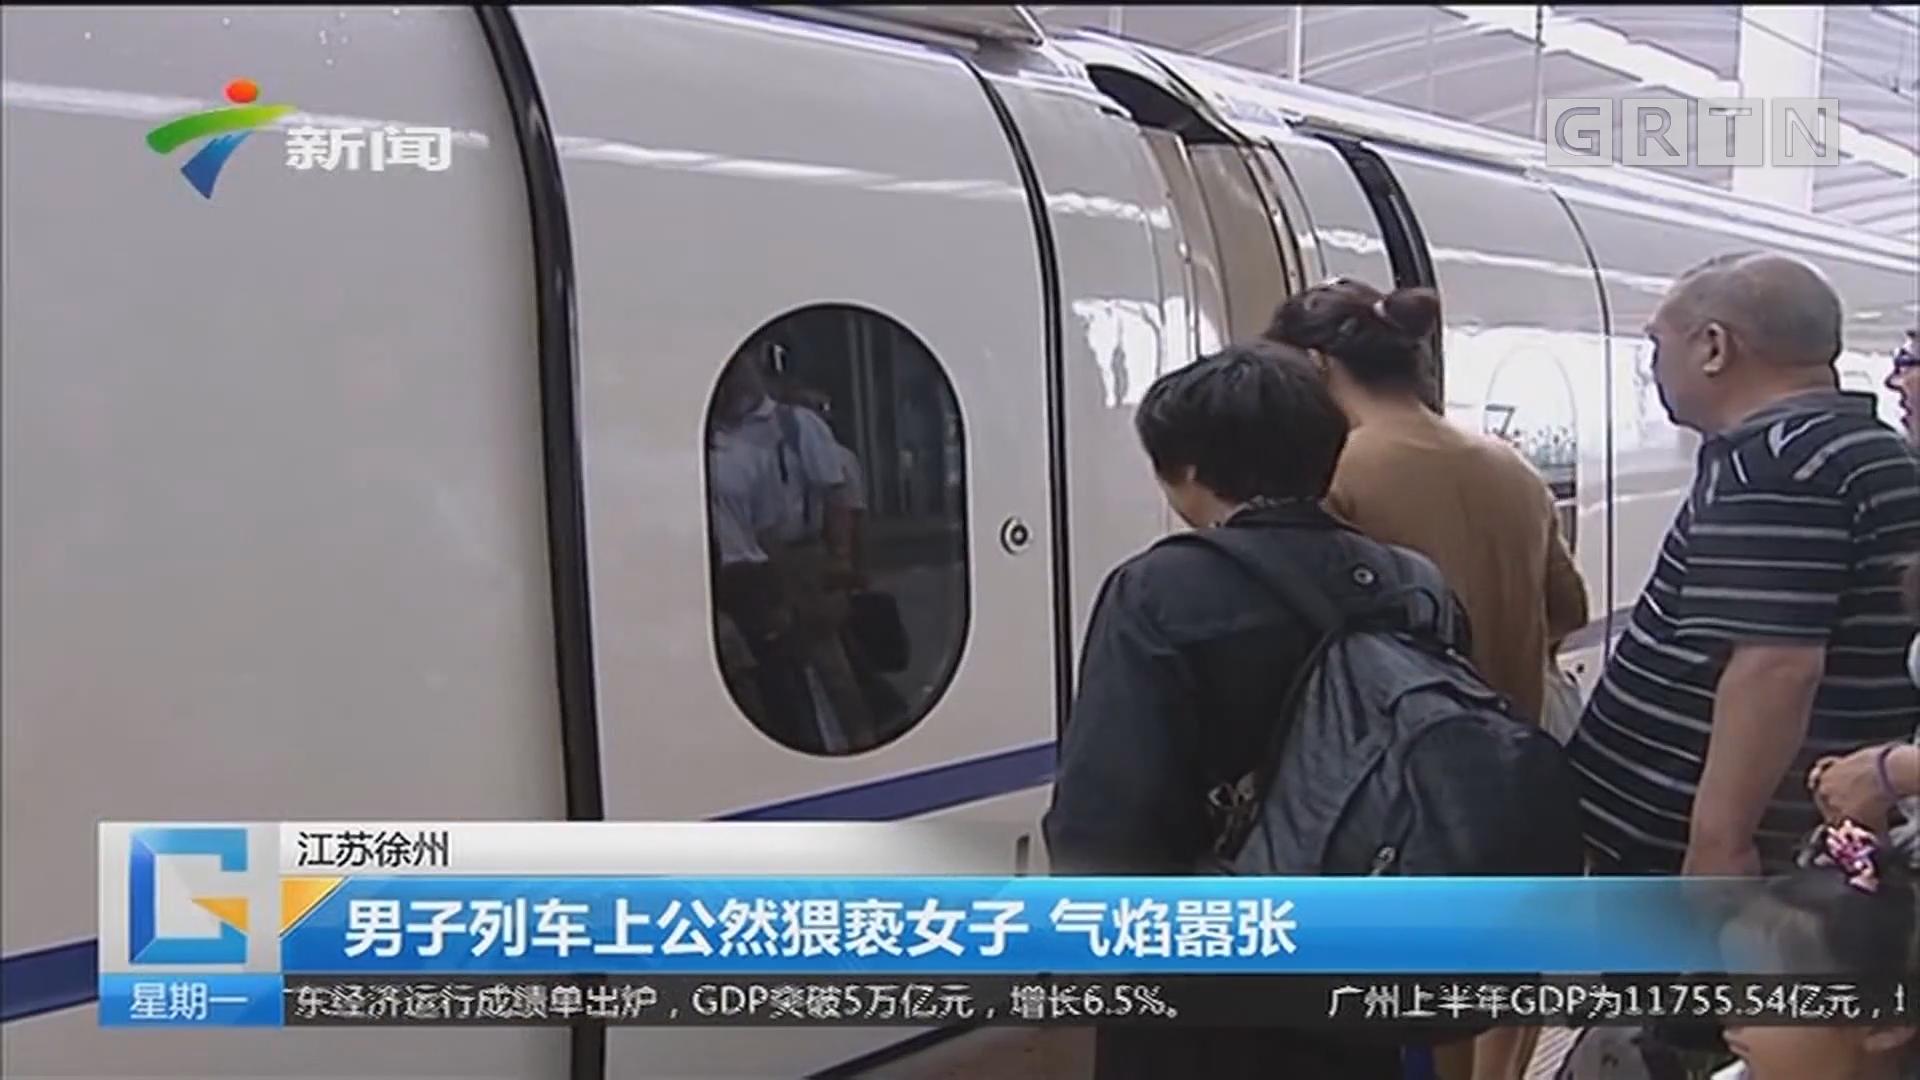 江苏徐州:男子列车上公然猥亵女子 气焰嚣张